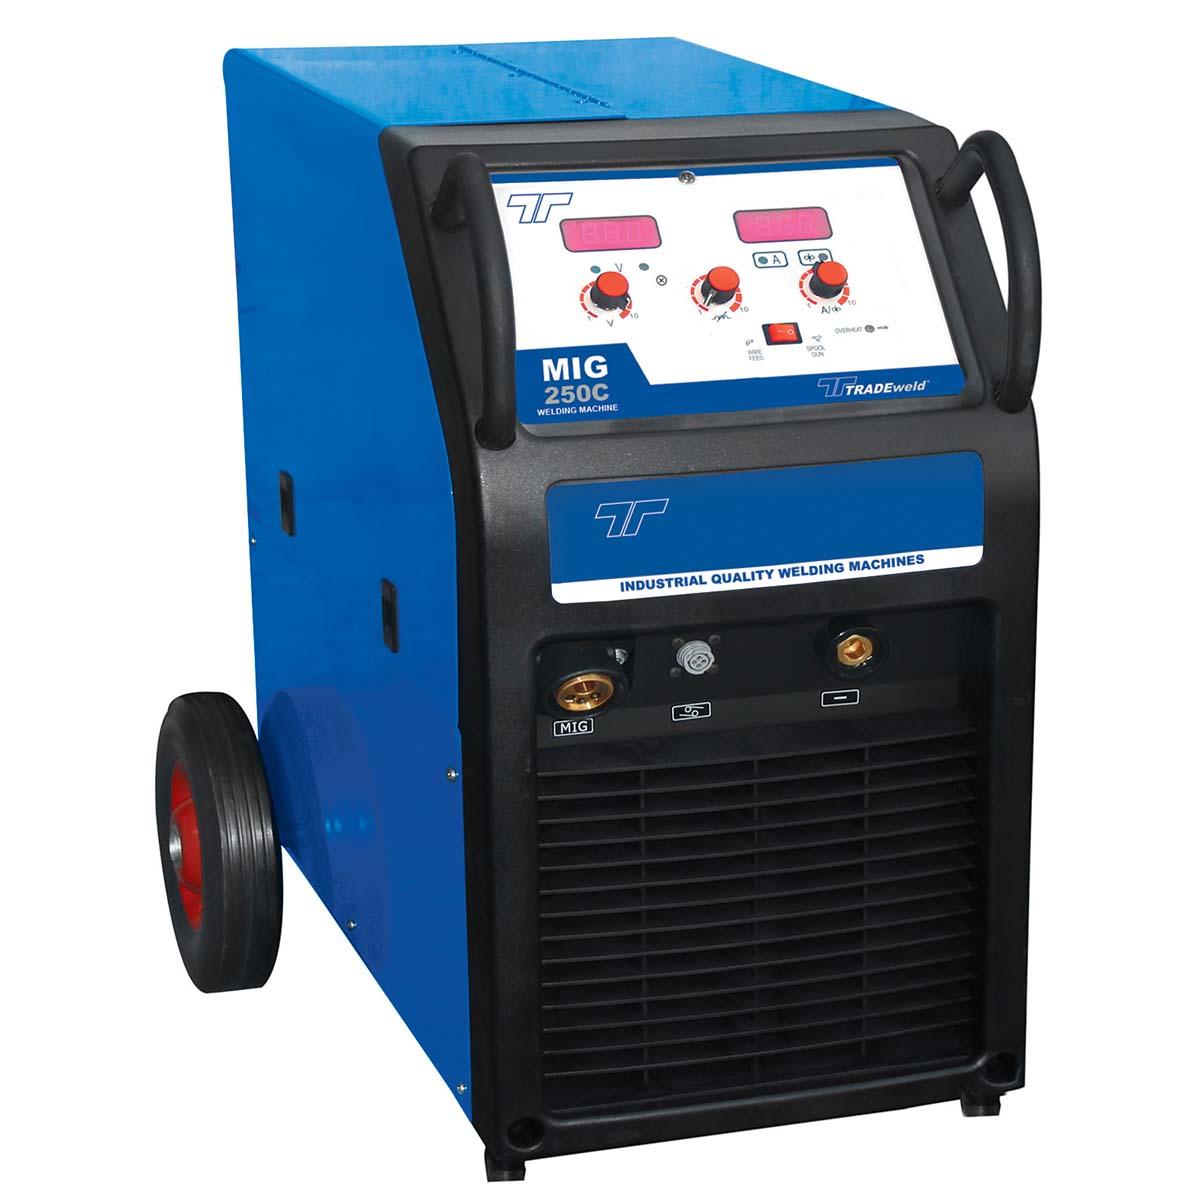 TradeWeld MIG Welding Machines